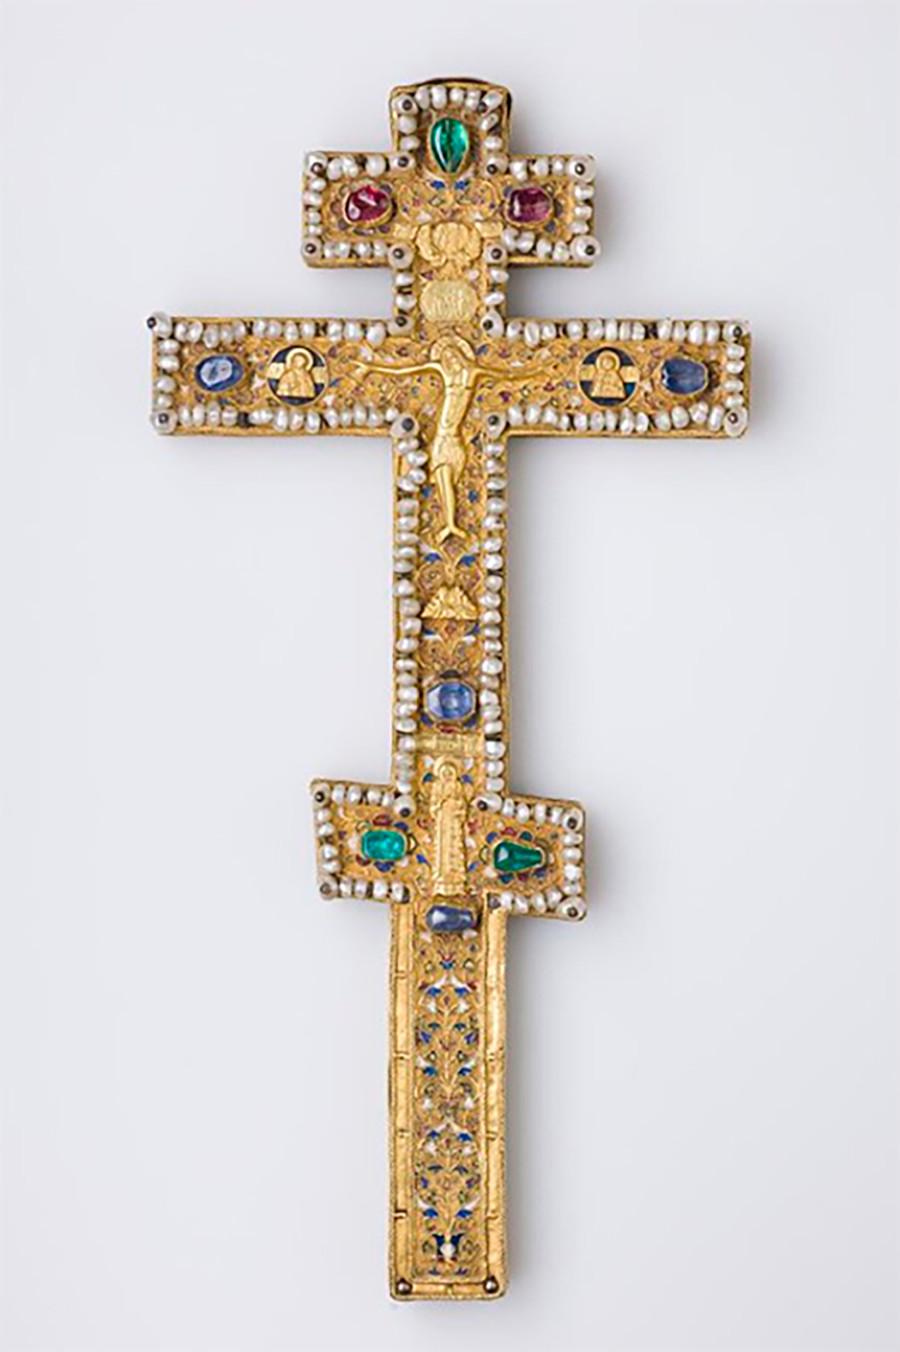 宝座の十字架、皇帝ボリス・ゴドゥノフが1599年にチュードフ修道院に寄進したもの、17世紀後半